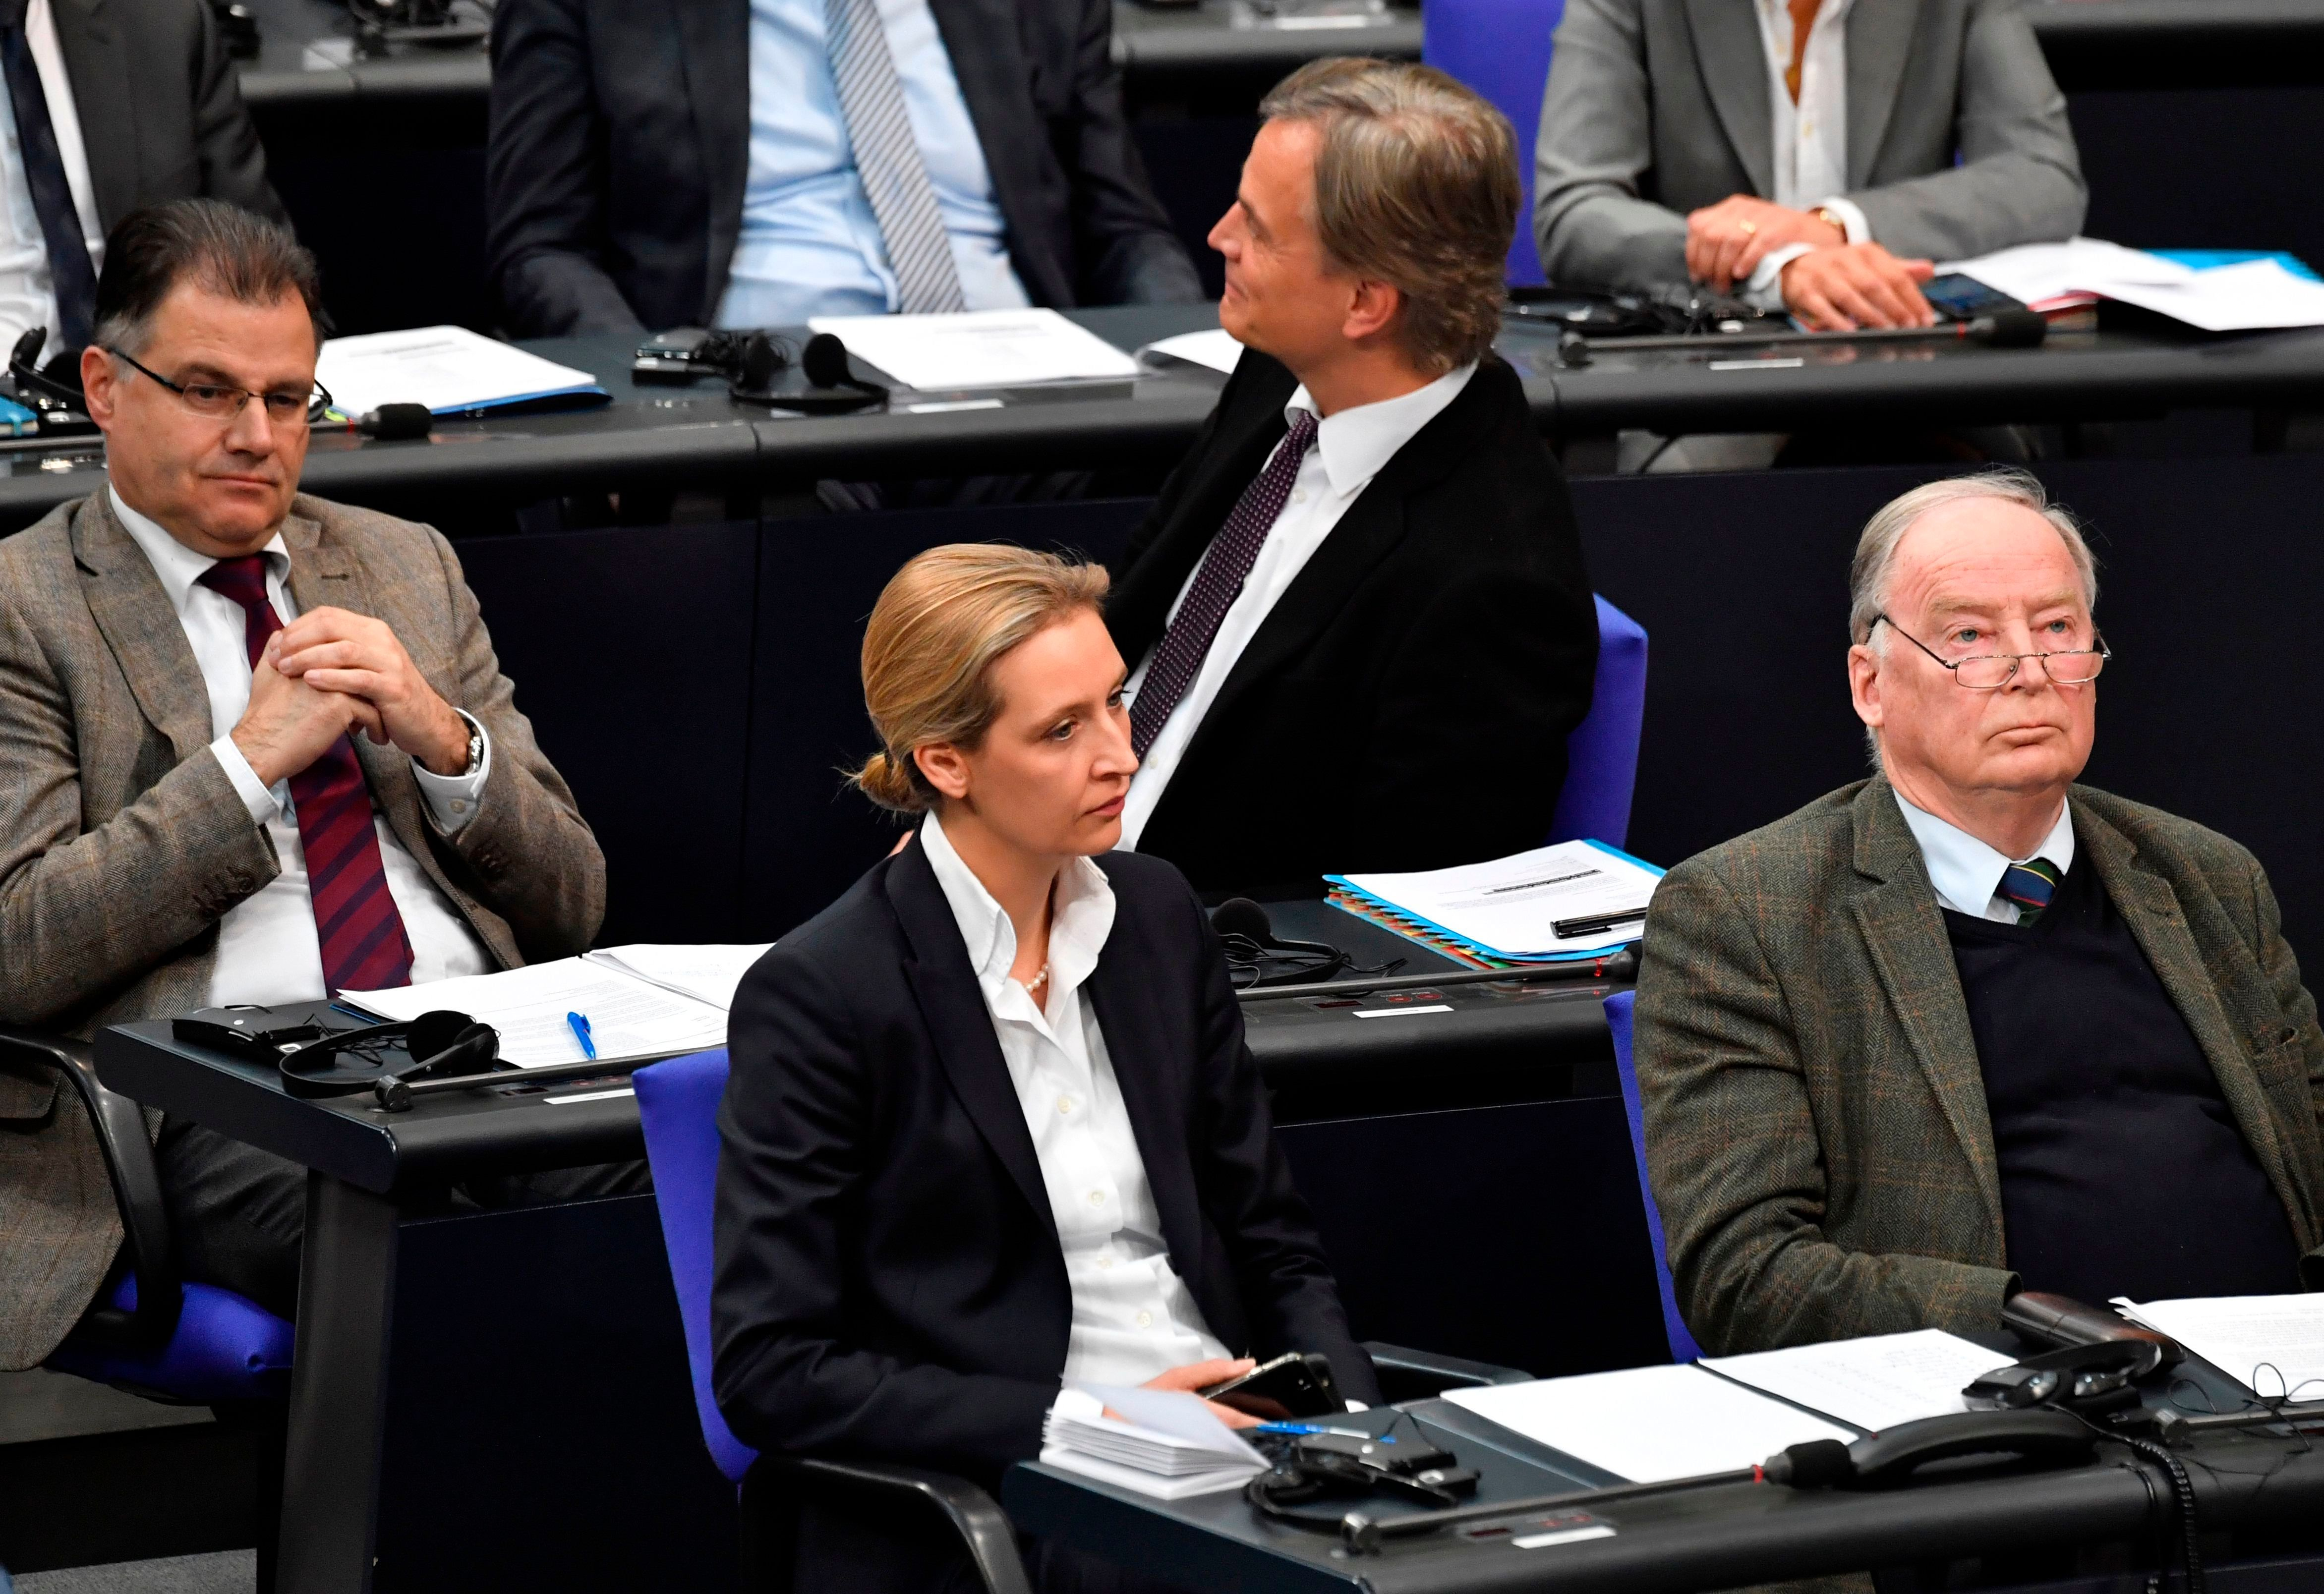 Στο AfD η προεδρία τριών Επιτροπών της γερμανικής Βουλής. Τι σημαίνει αυτό για την